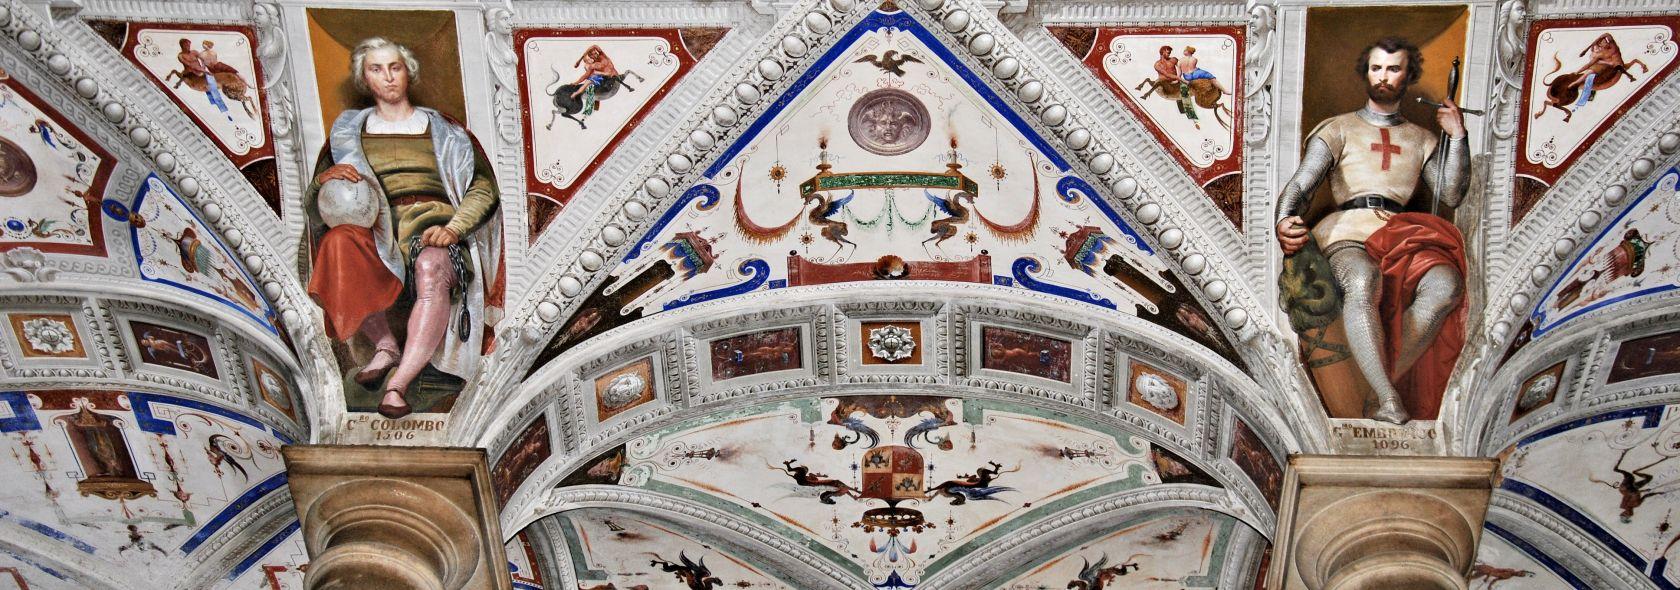 Palazzo Gio. Carlo Brignole (Palazzo Durazzo)